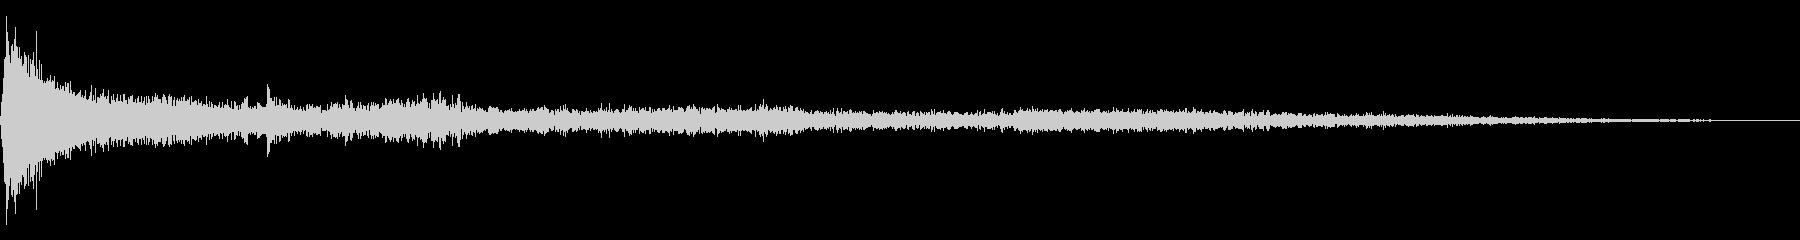 ホラー映画に出てきそうなノイズ系音源08の未再生の波形